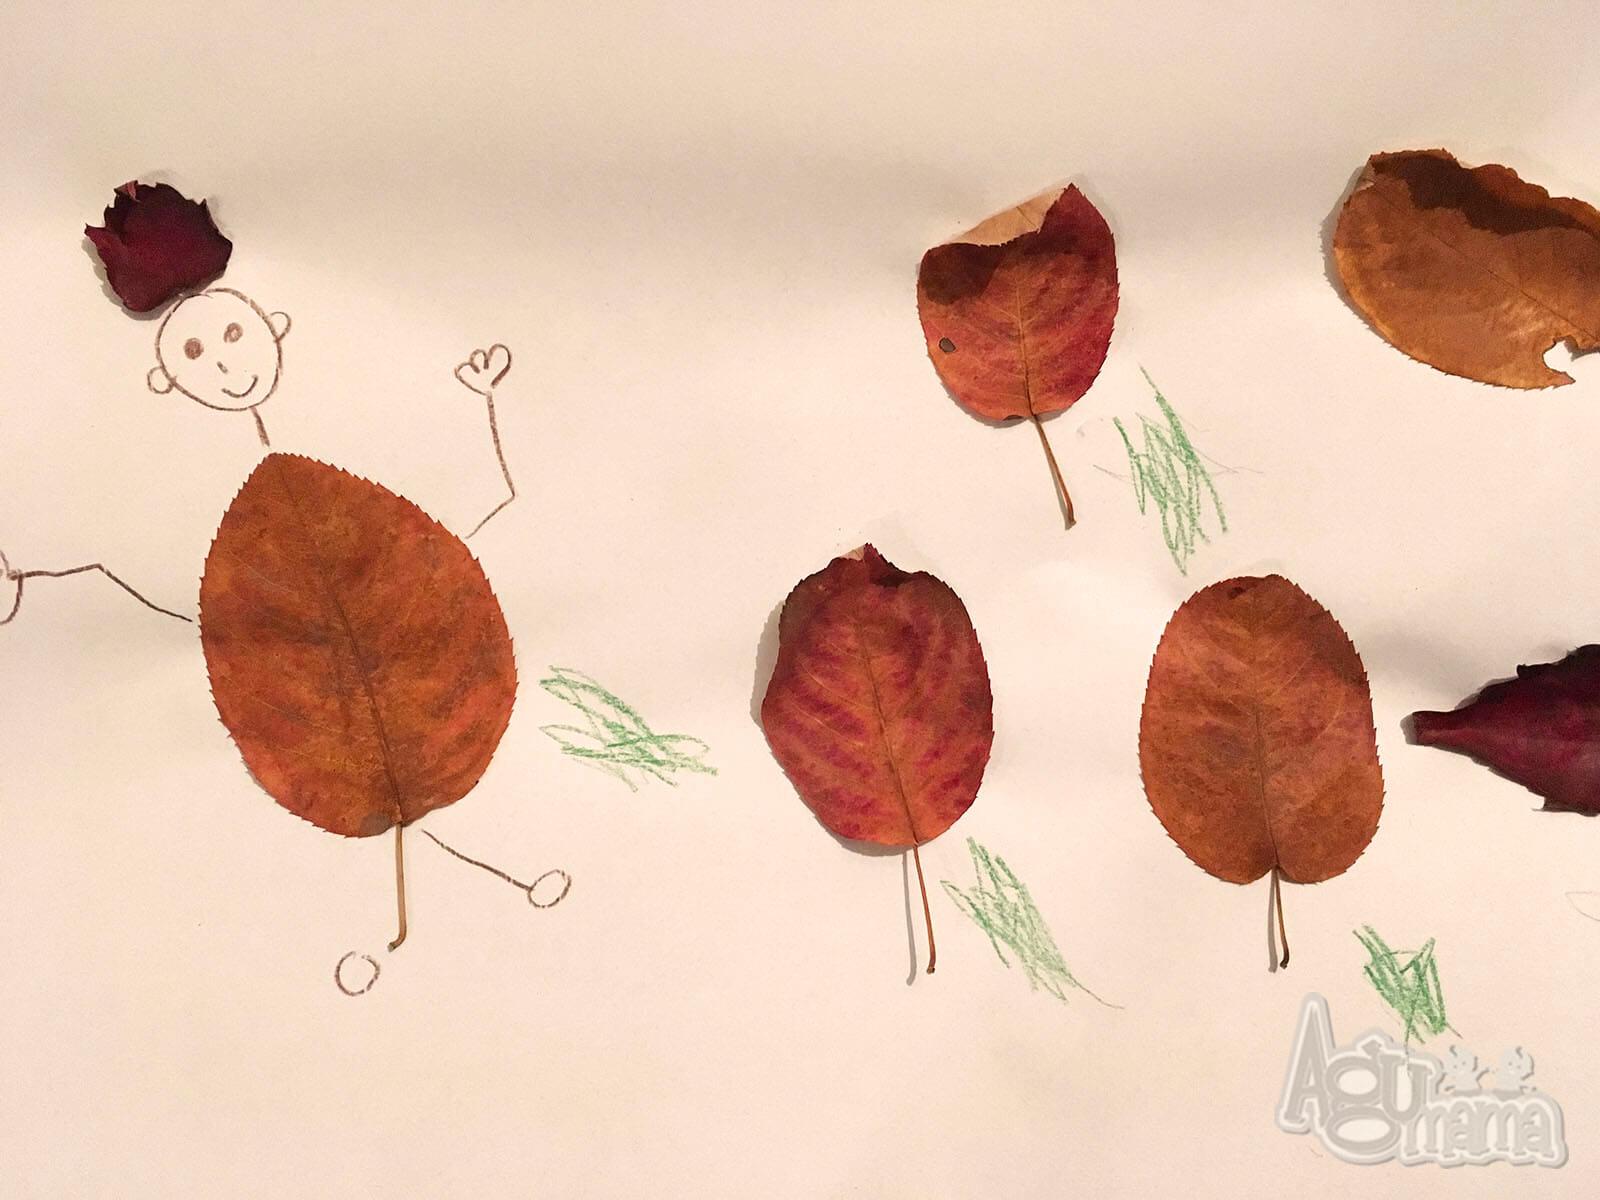 dzieciaki kochają jesień obraz z liści